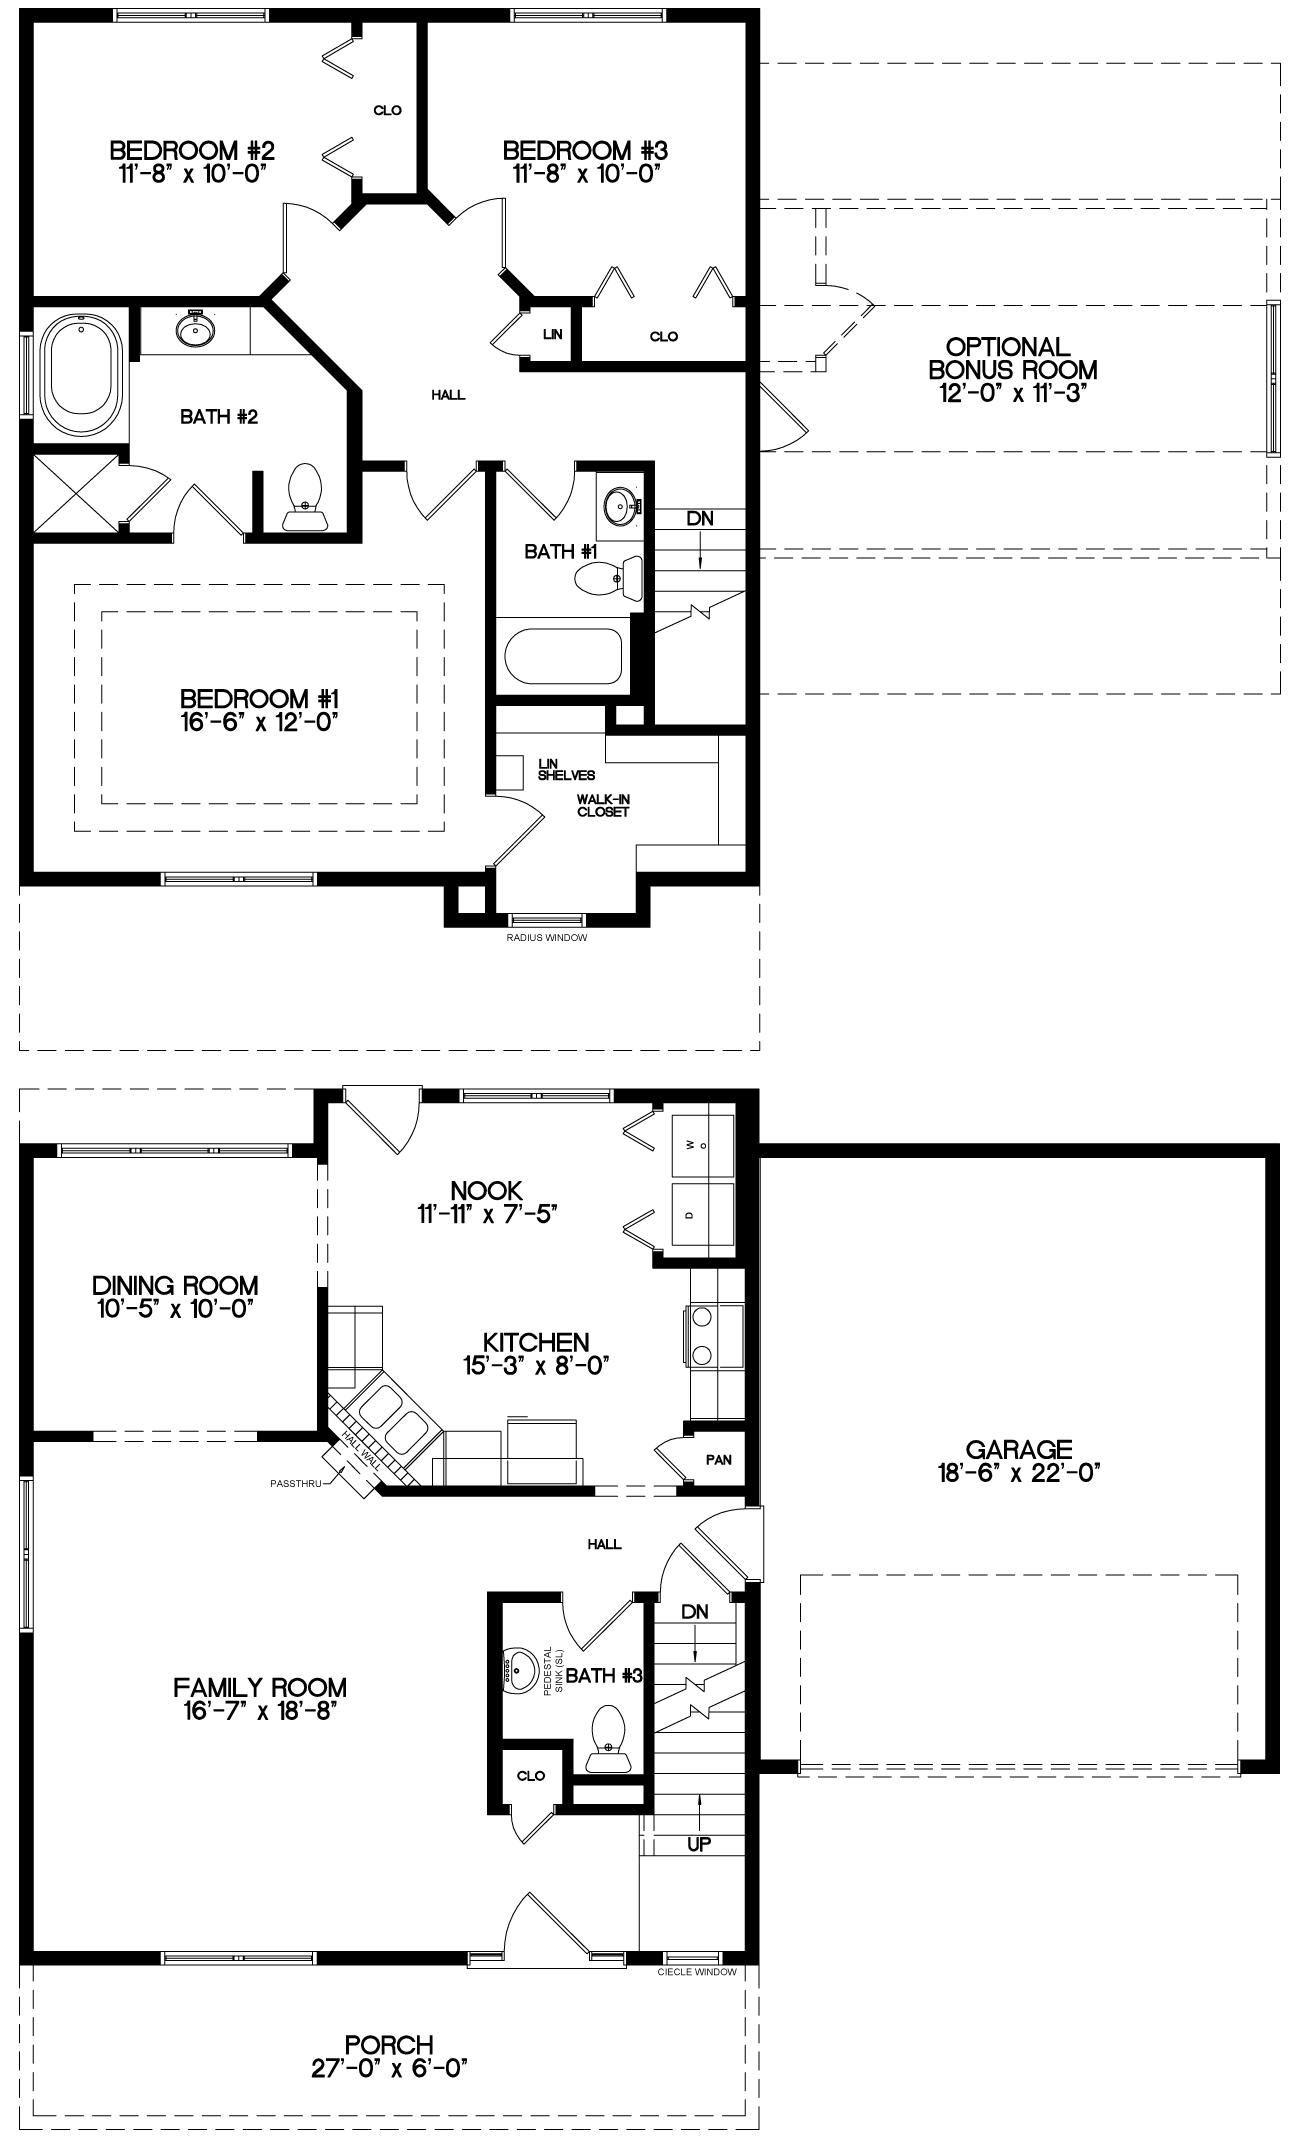 The Pinecrest Floor Plan